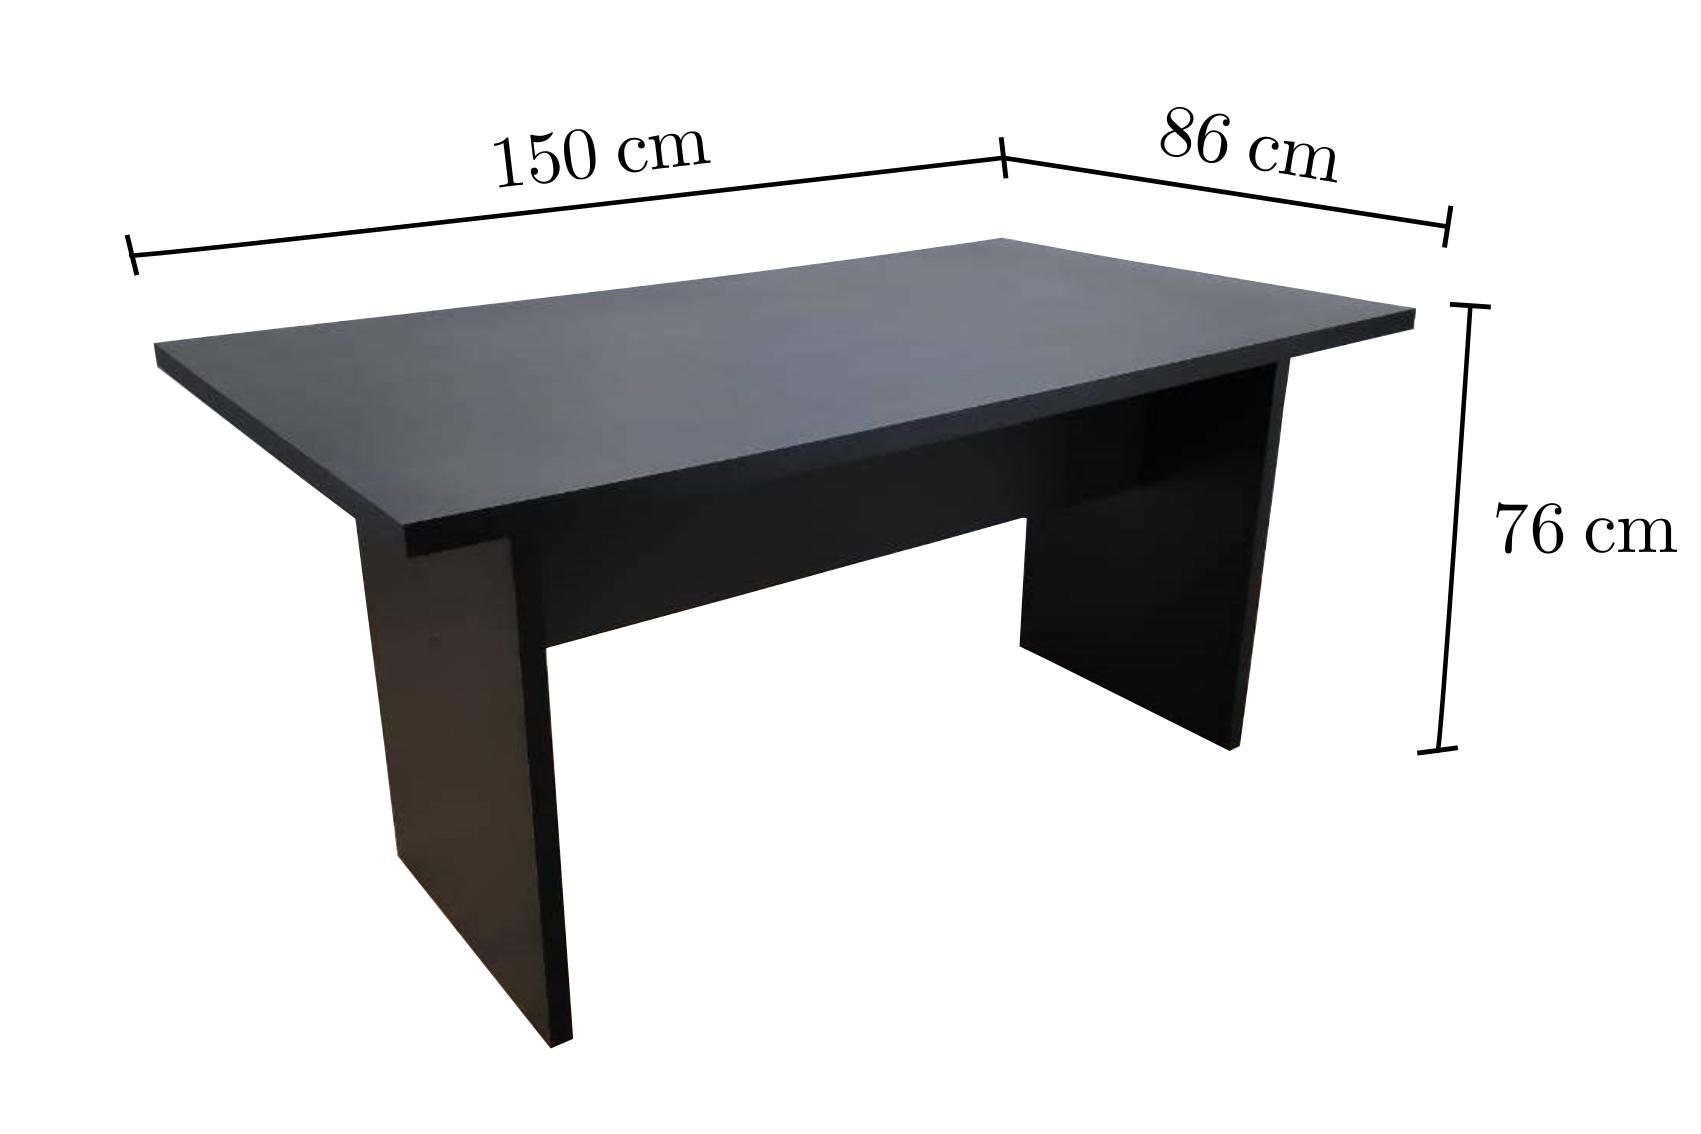 Imagem com as dimensões da Mesa de Reuniões 150x85, fabricada em MDF pela TreeMobili.